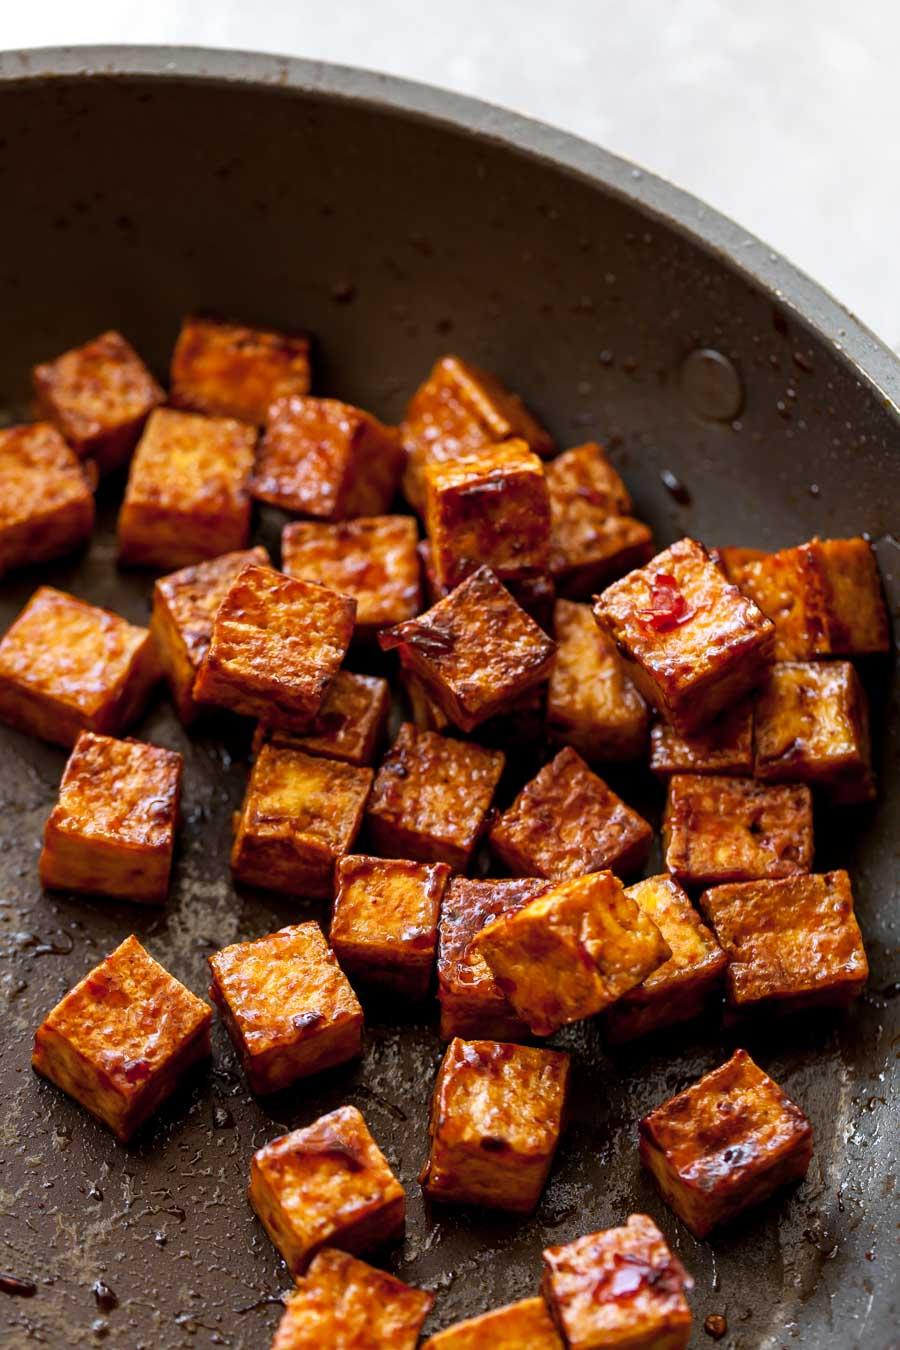 Pan-Seared Tofu